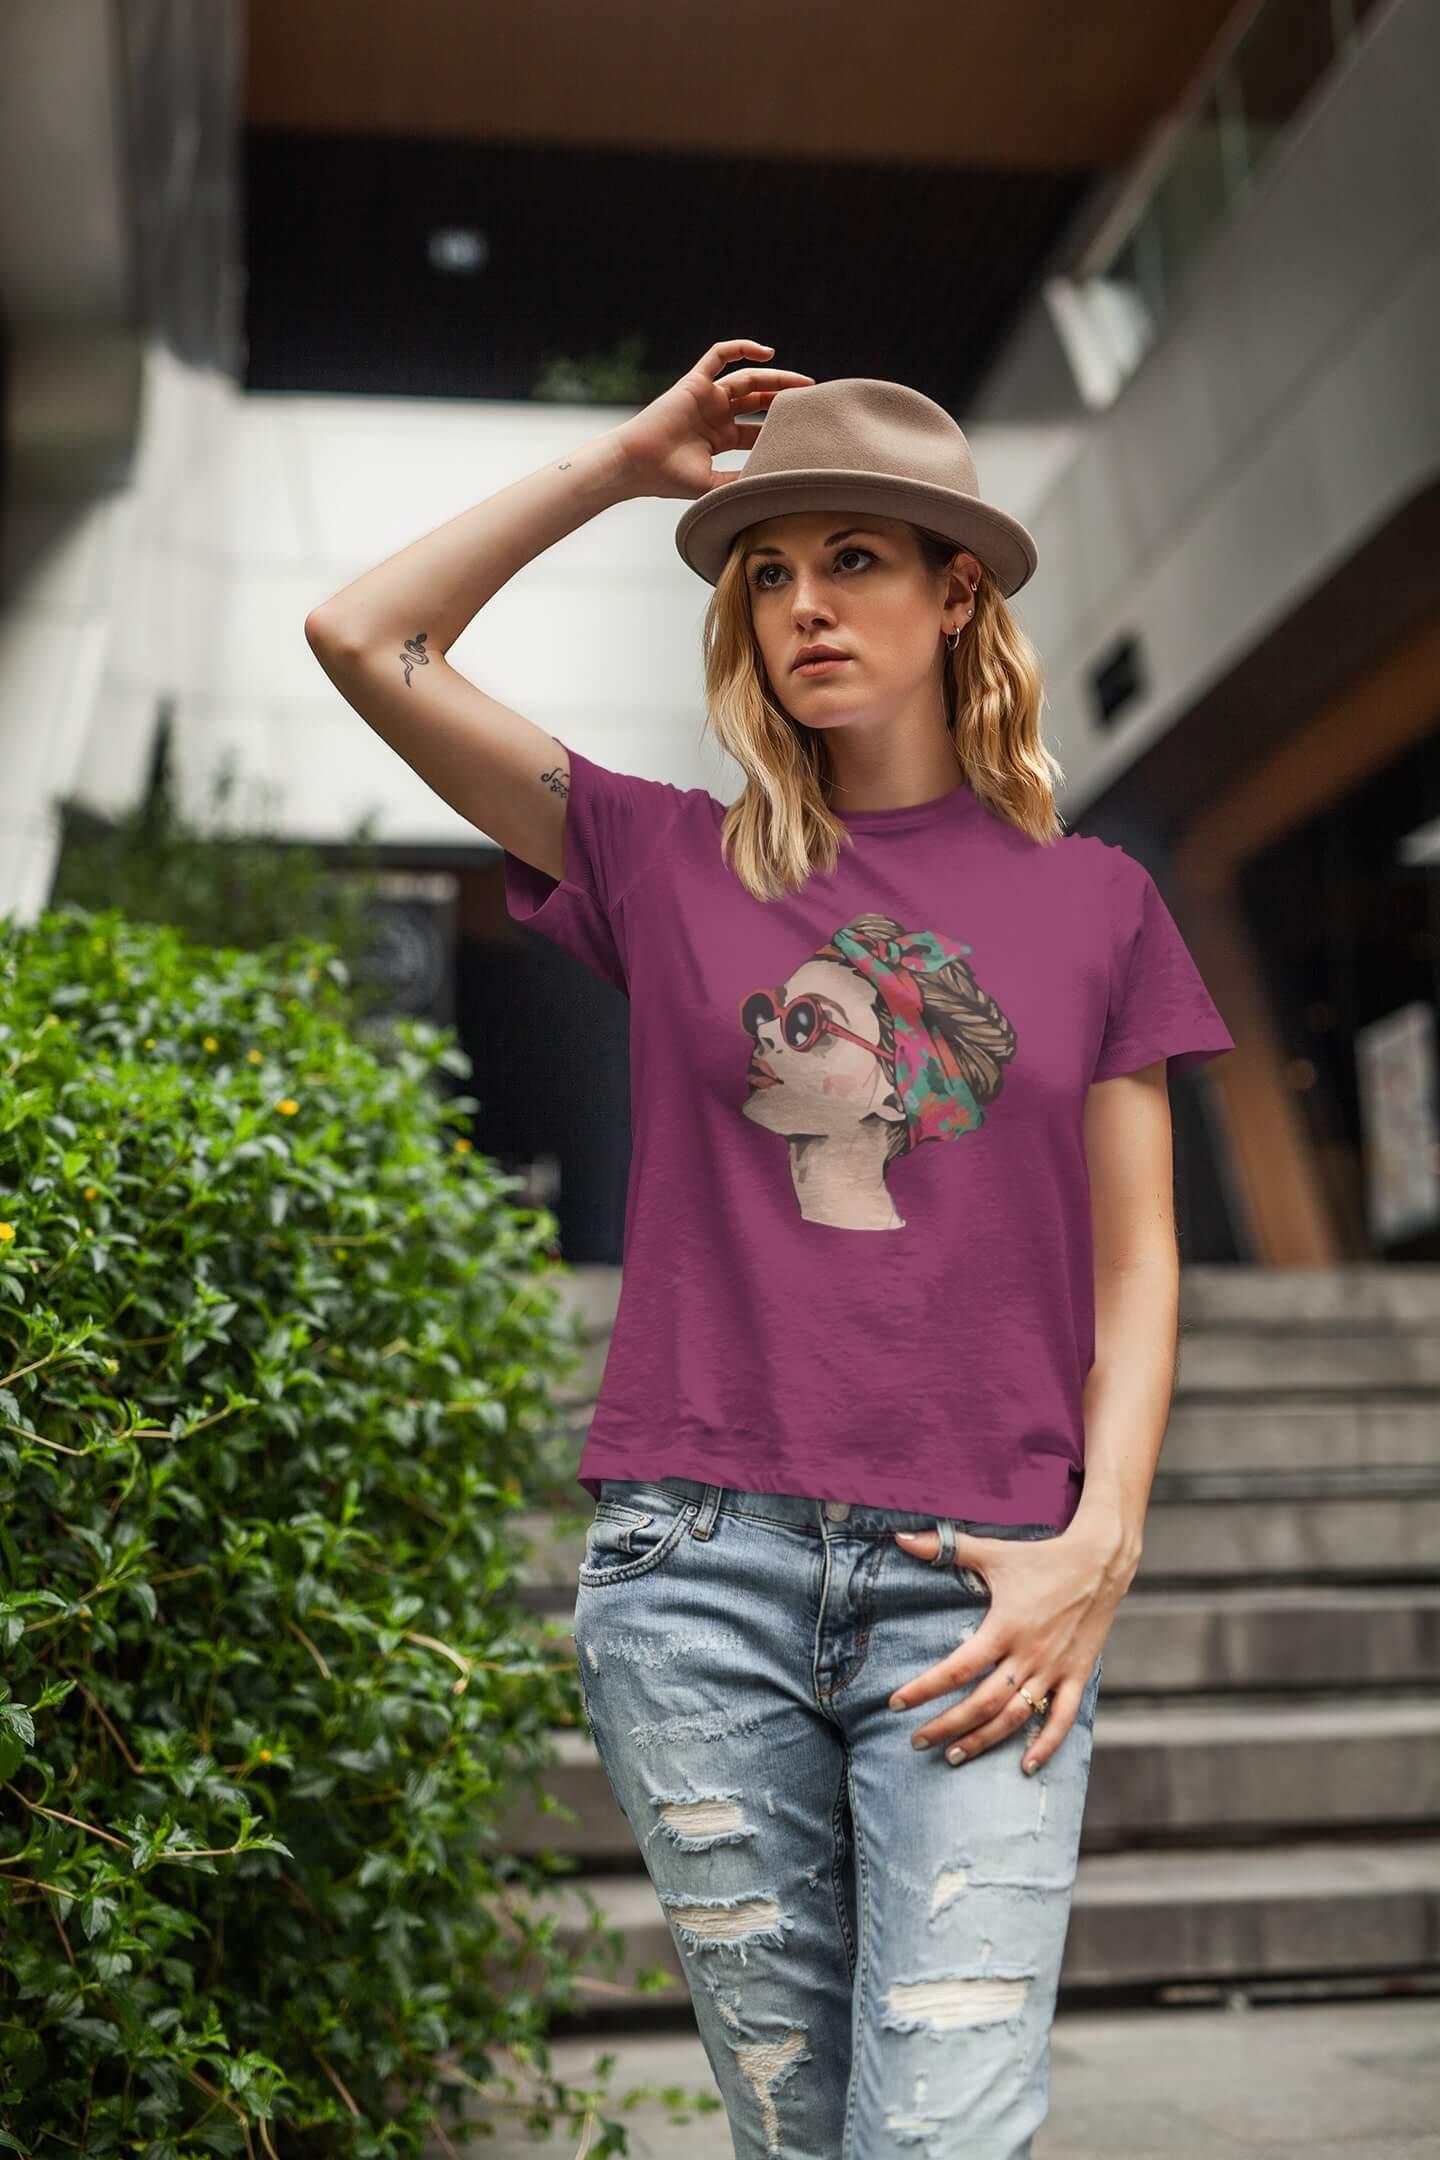 MMO Dámske tričko Dievča s okuliarmi Vyberte farbu: Fuchsiovo červená, Vyberte veľkosť: XL